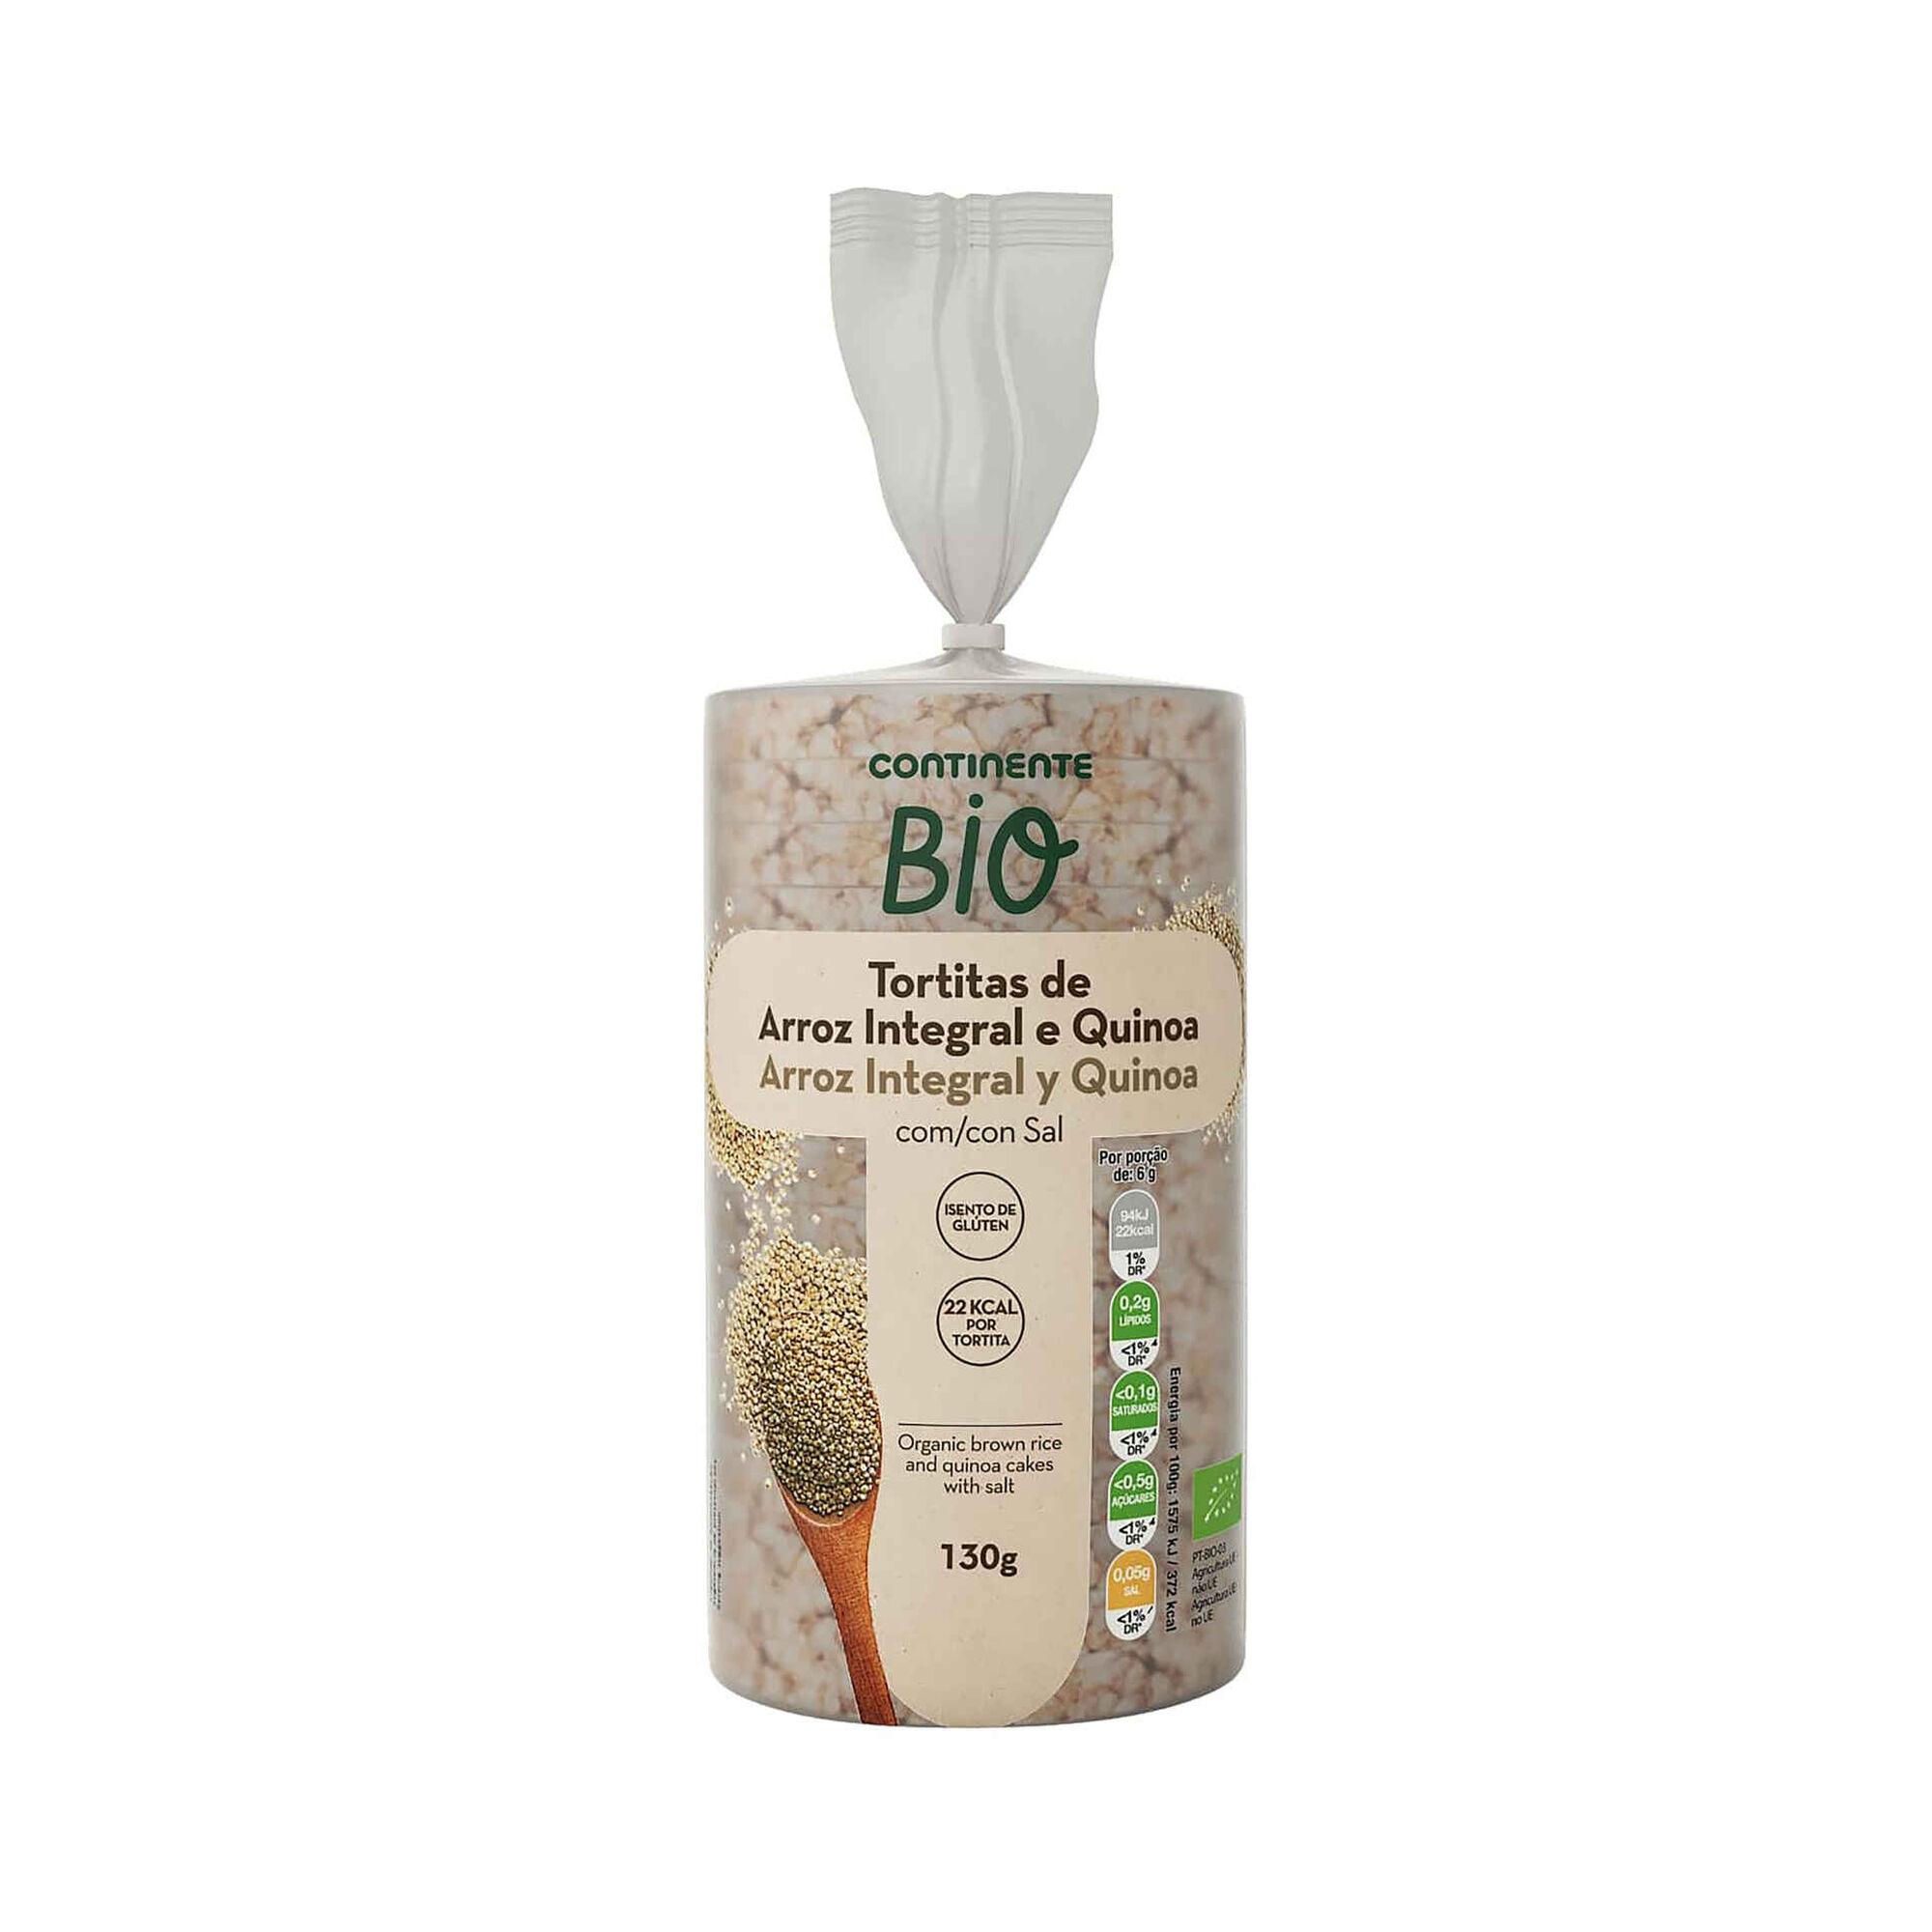 Tortitas de Arroz Integral e Quinoa Biológicas